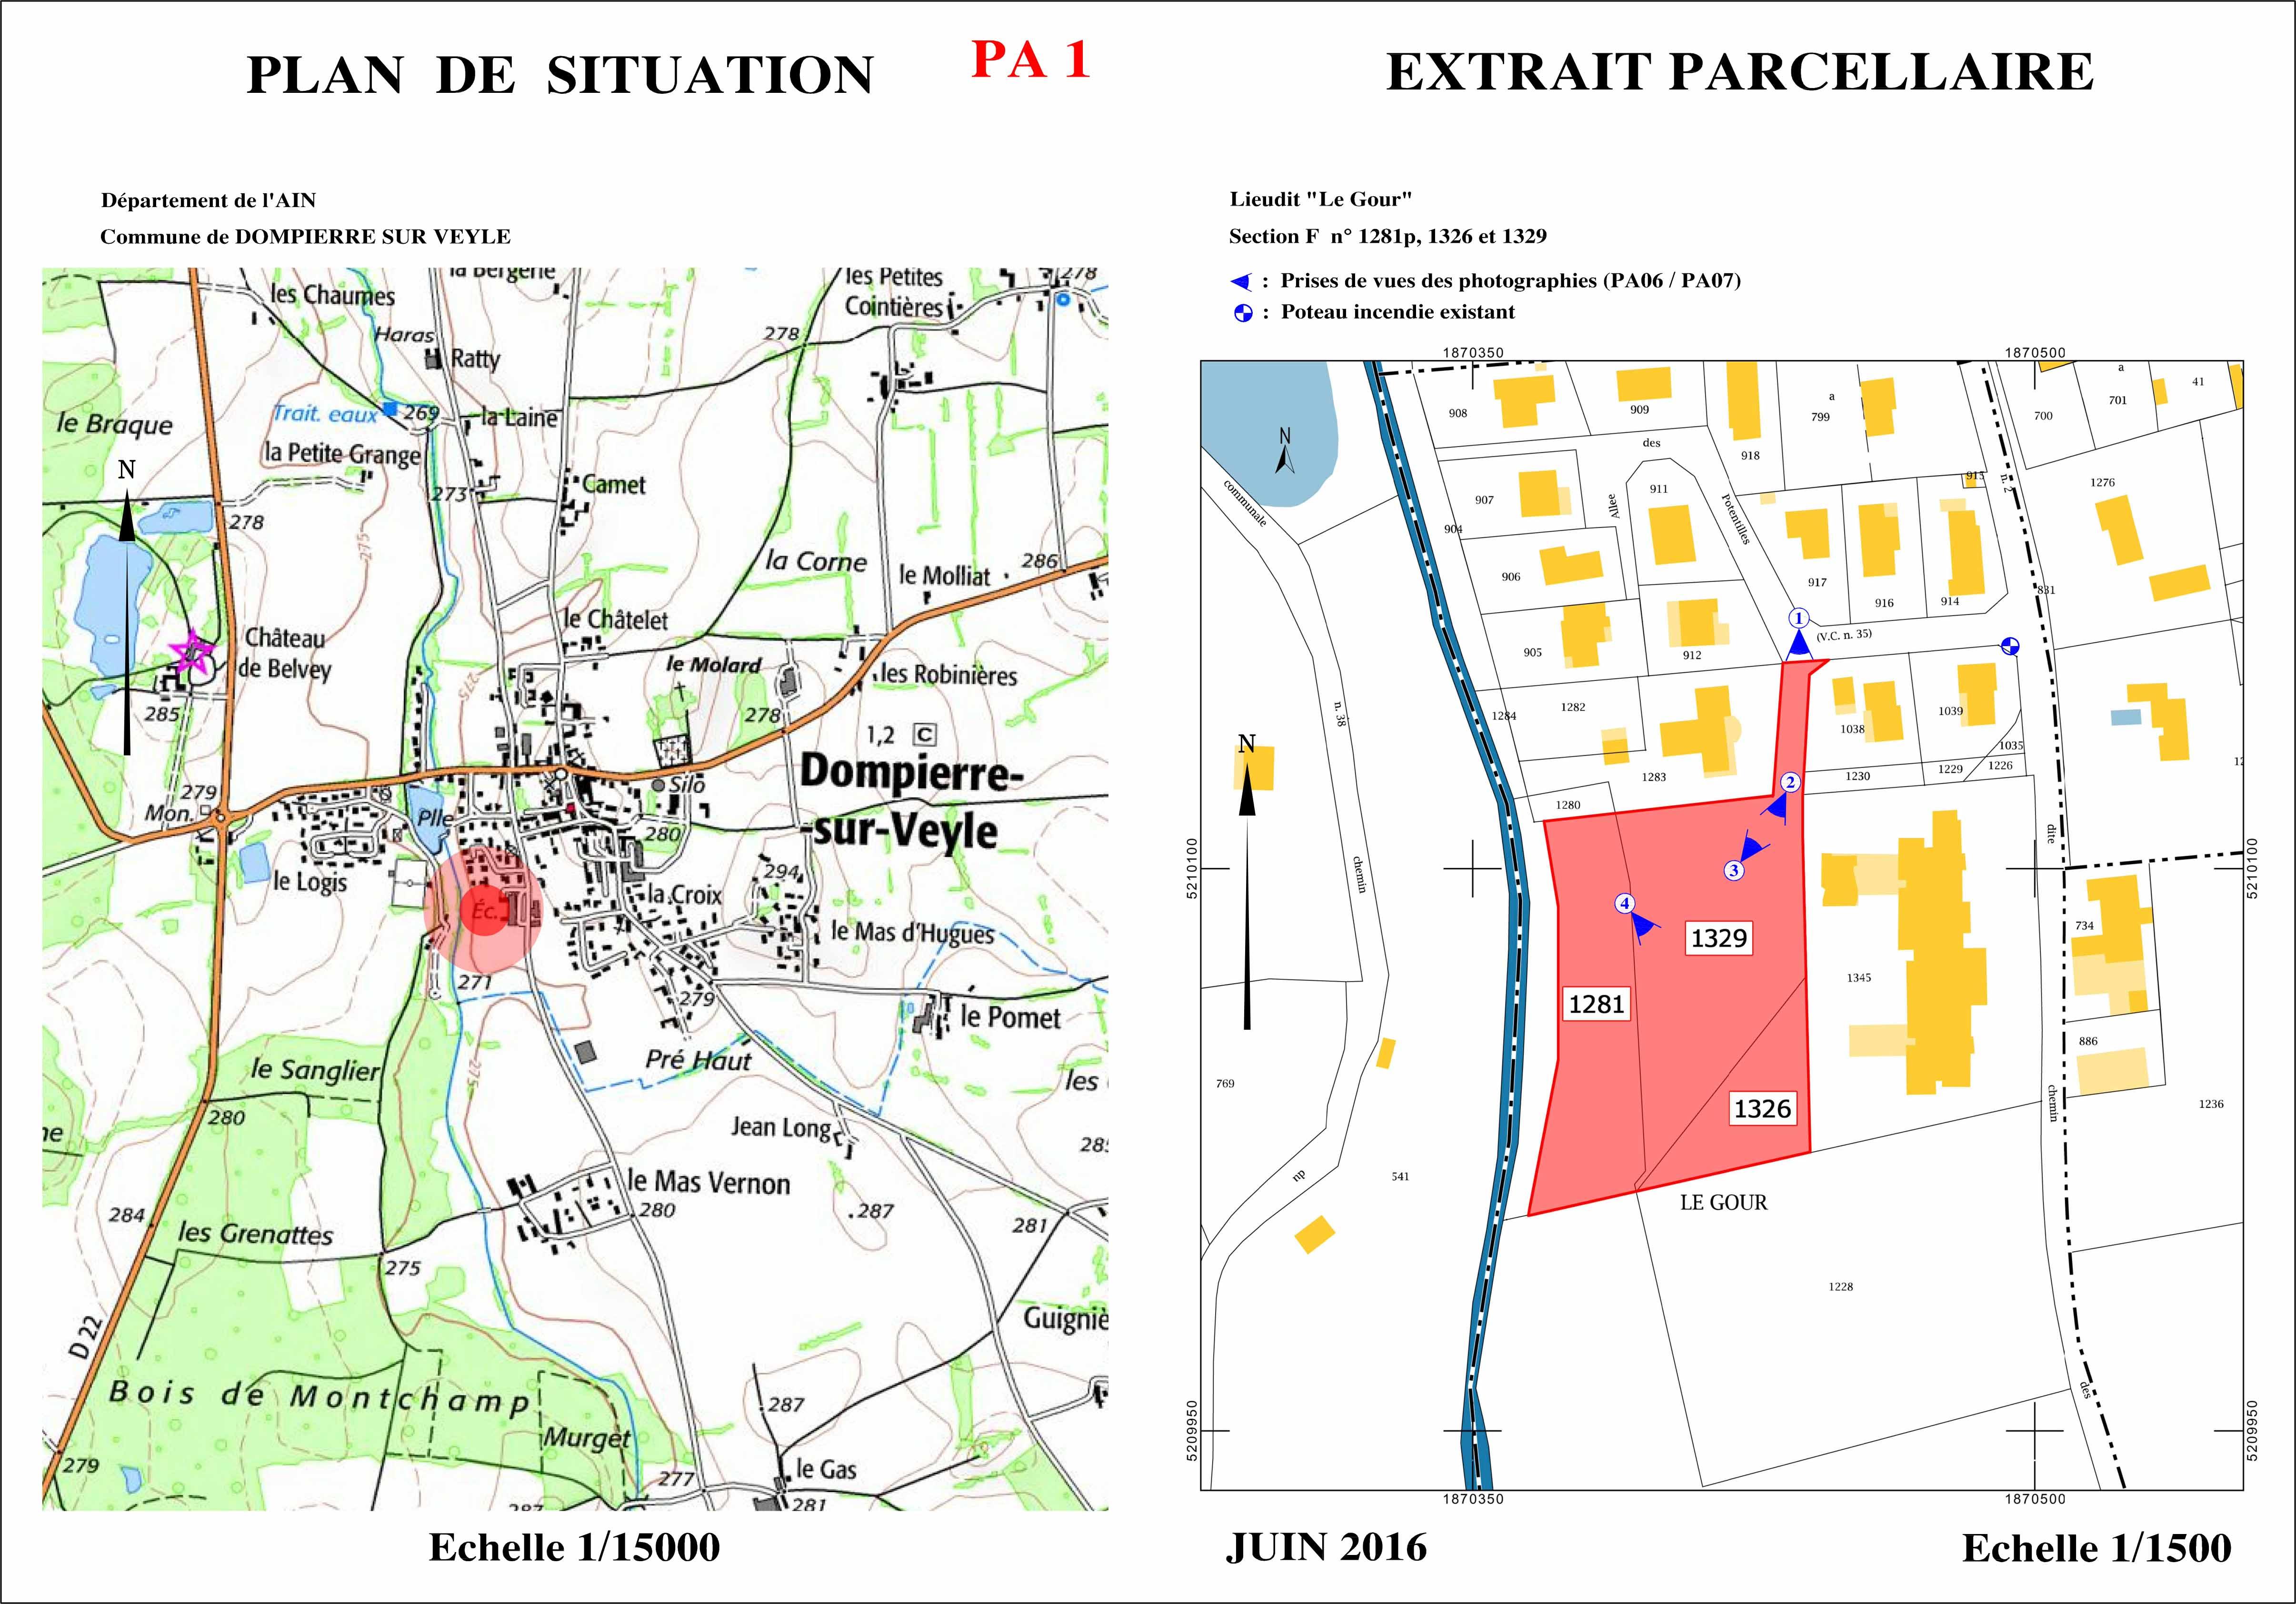 Les rives de la veyle plan de situation la construction lyonnaise - Plan de masse et plan de situation ...